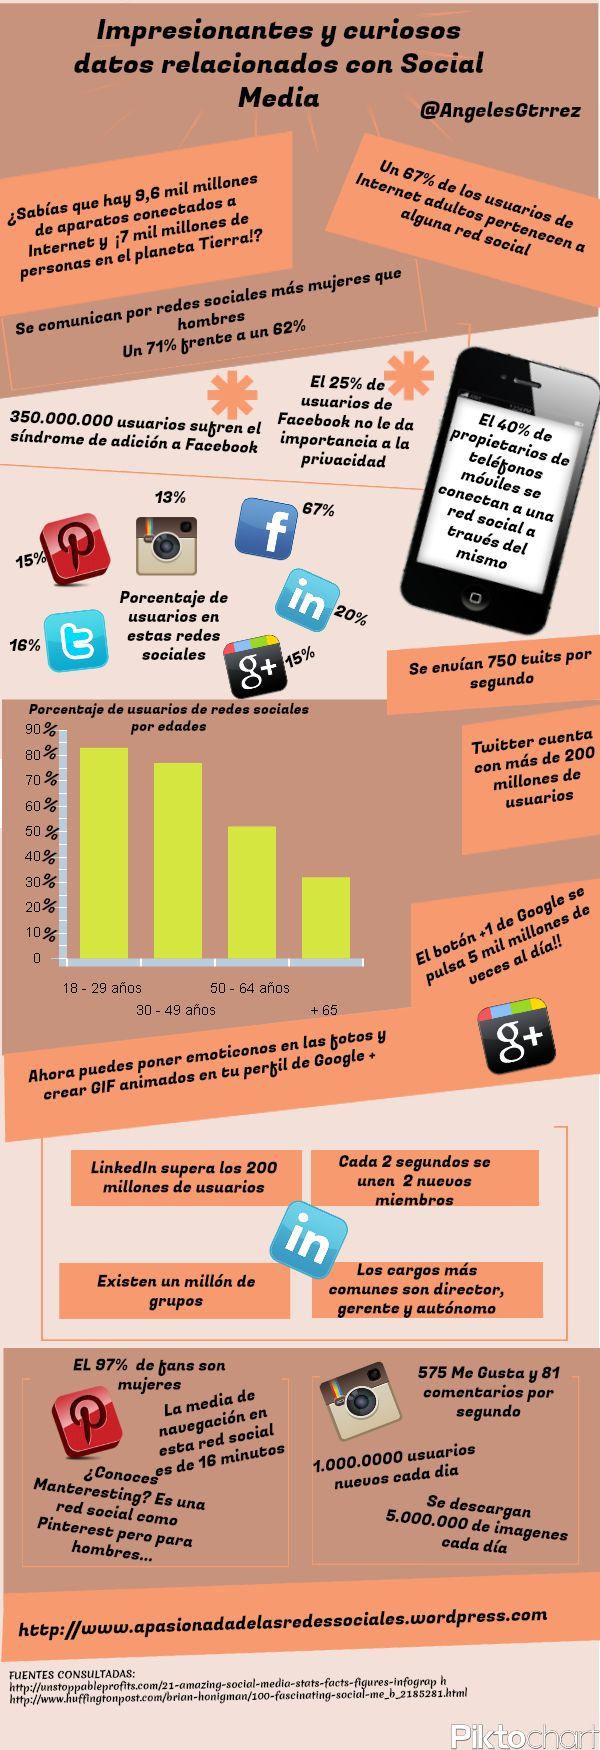 Datos impresionantes y curiosos sobre Redes Sociales [infografia]